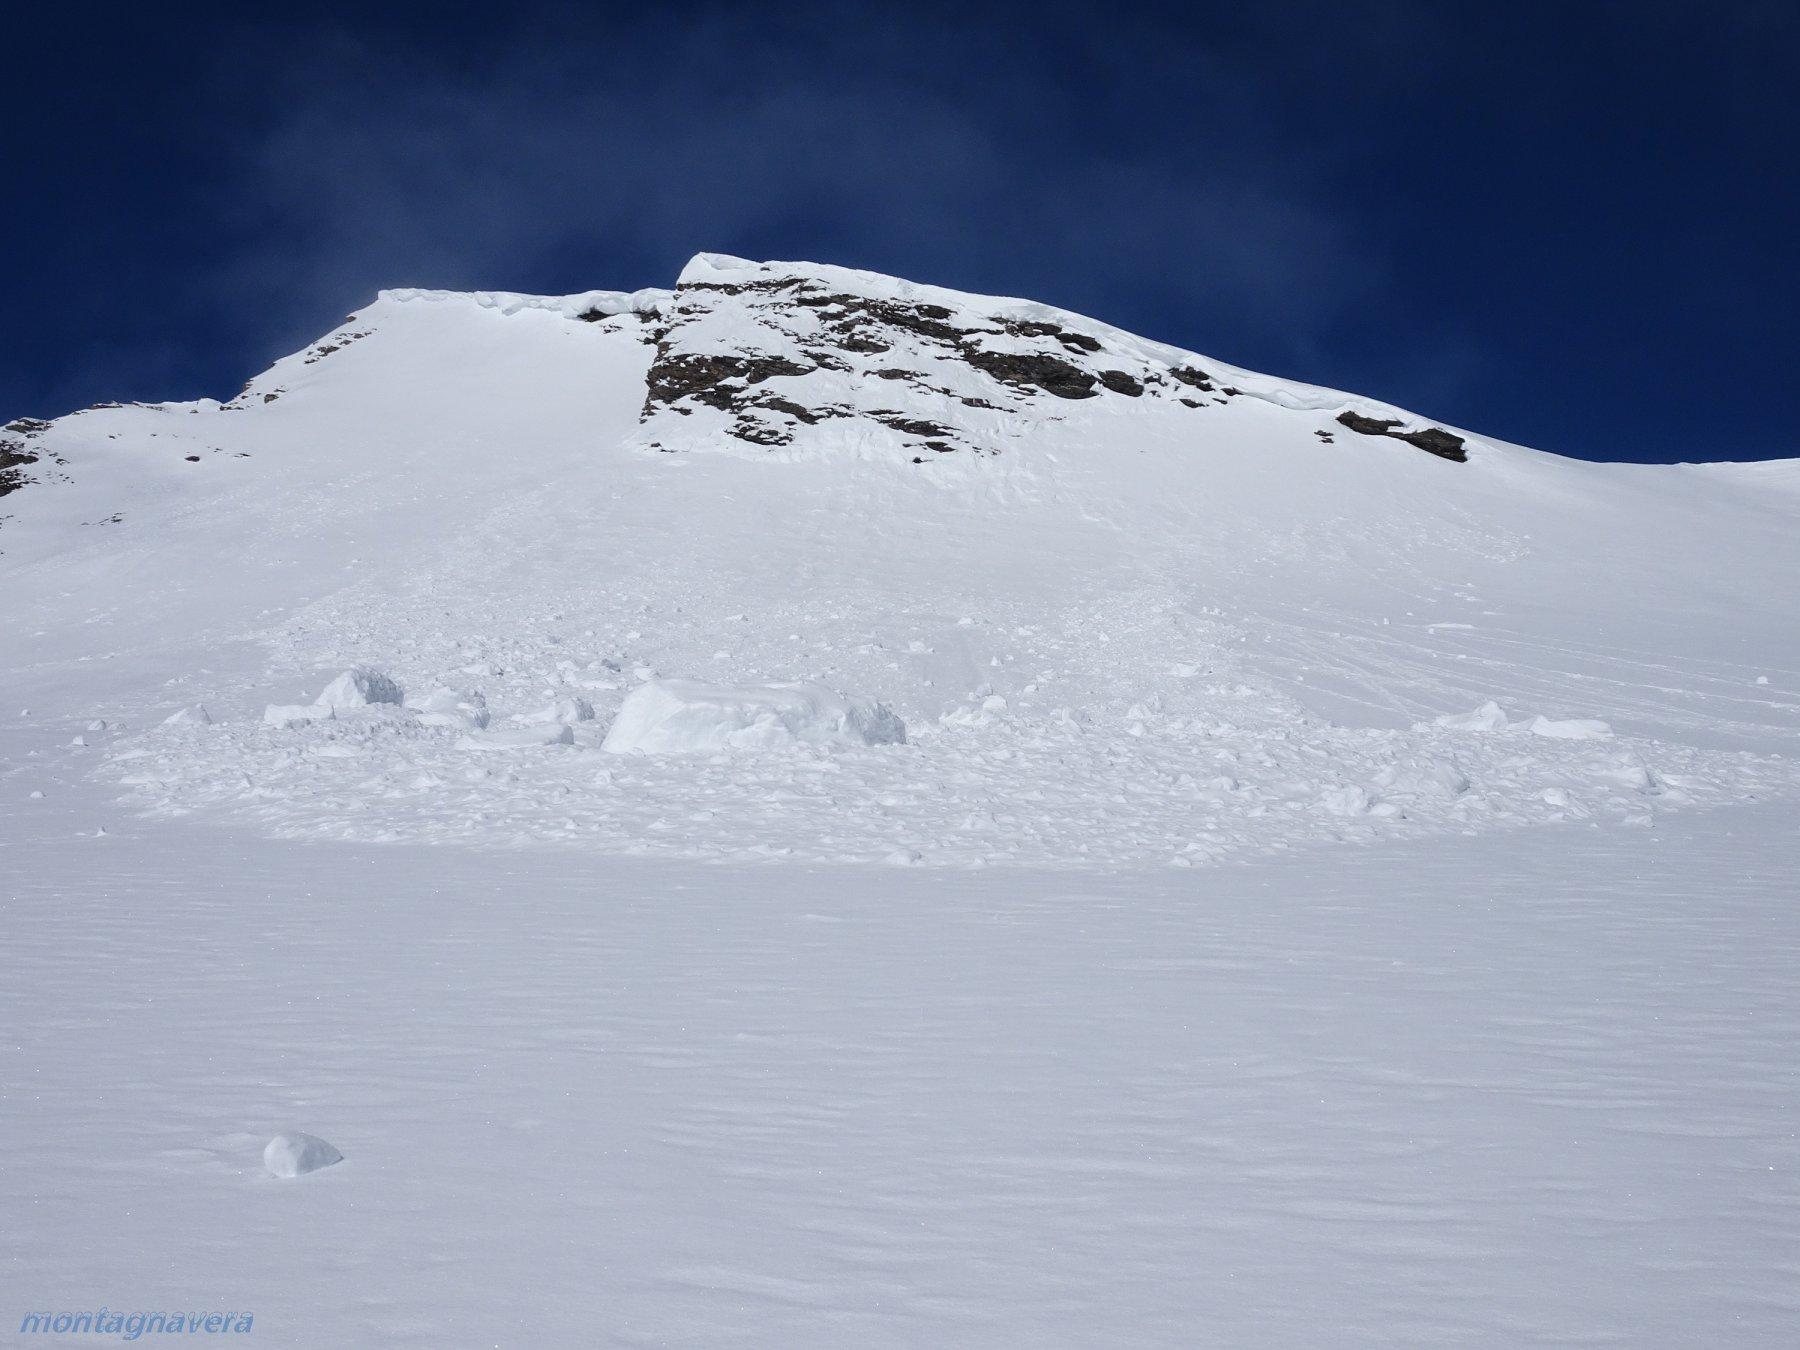 verso i 2700m slavina innescata dalla Cengia della cresta finale